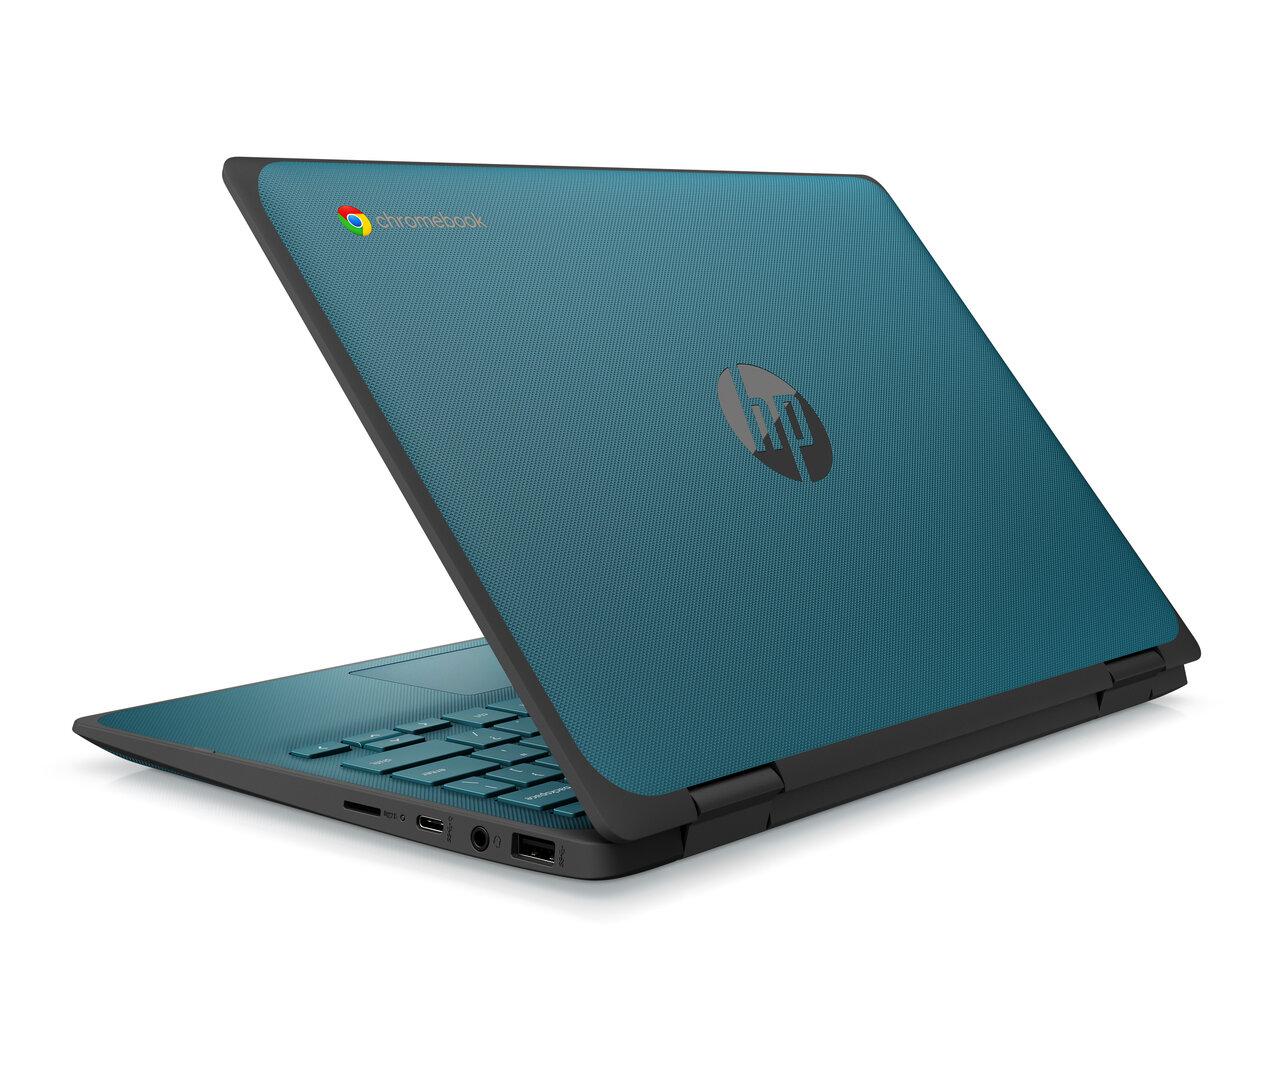 HP Chromebook x360 11 G4 EE (Nautical Teal)